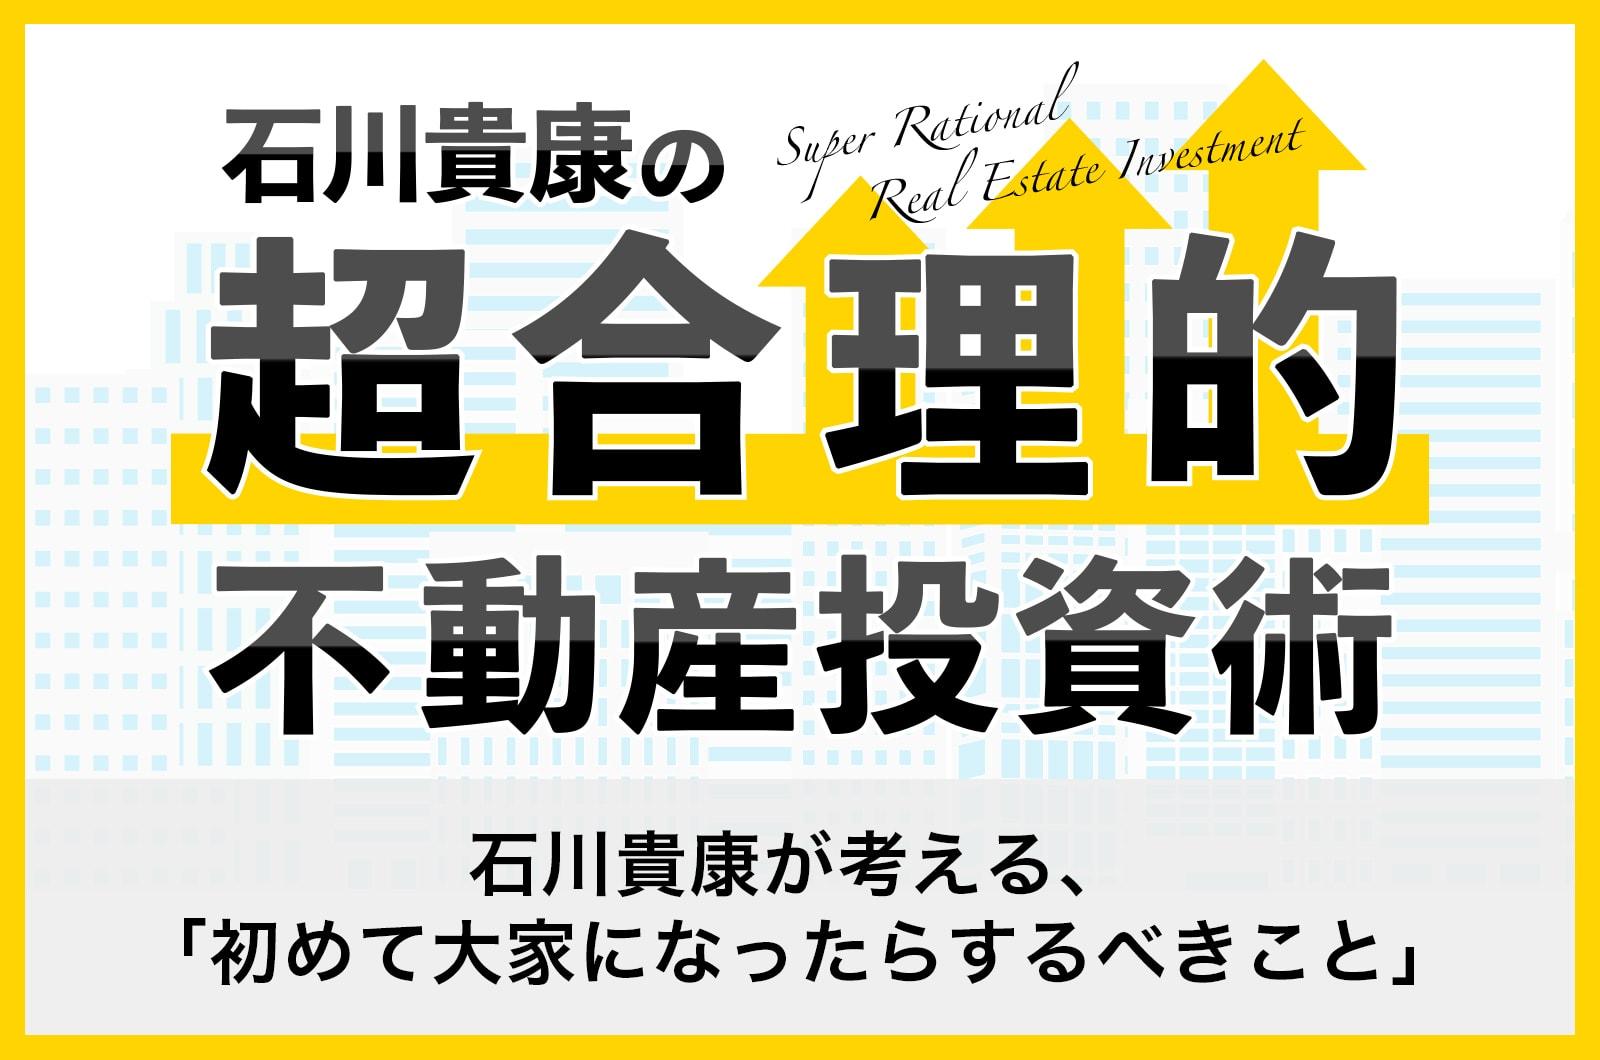 石川貴康が考える、「初めて大家になったらするべきこと」